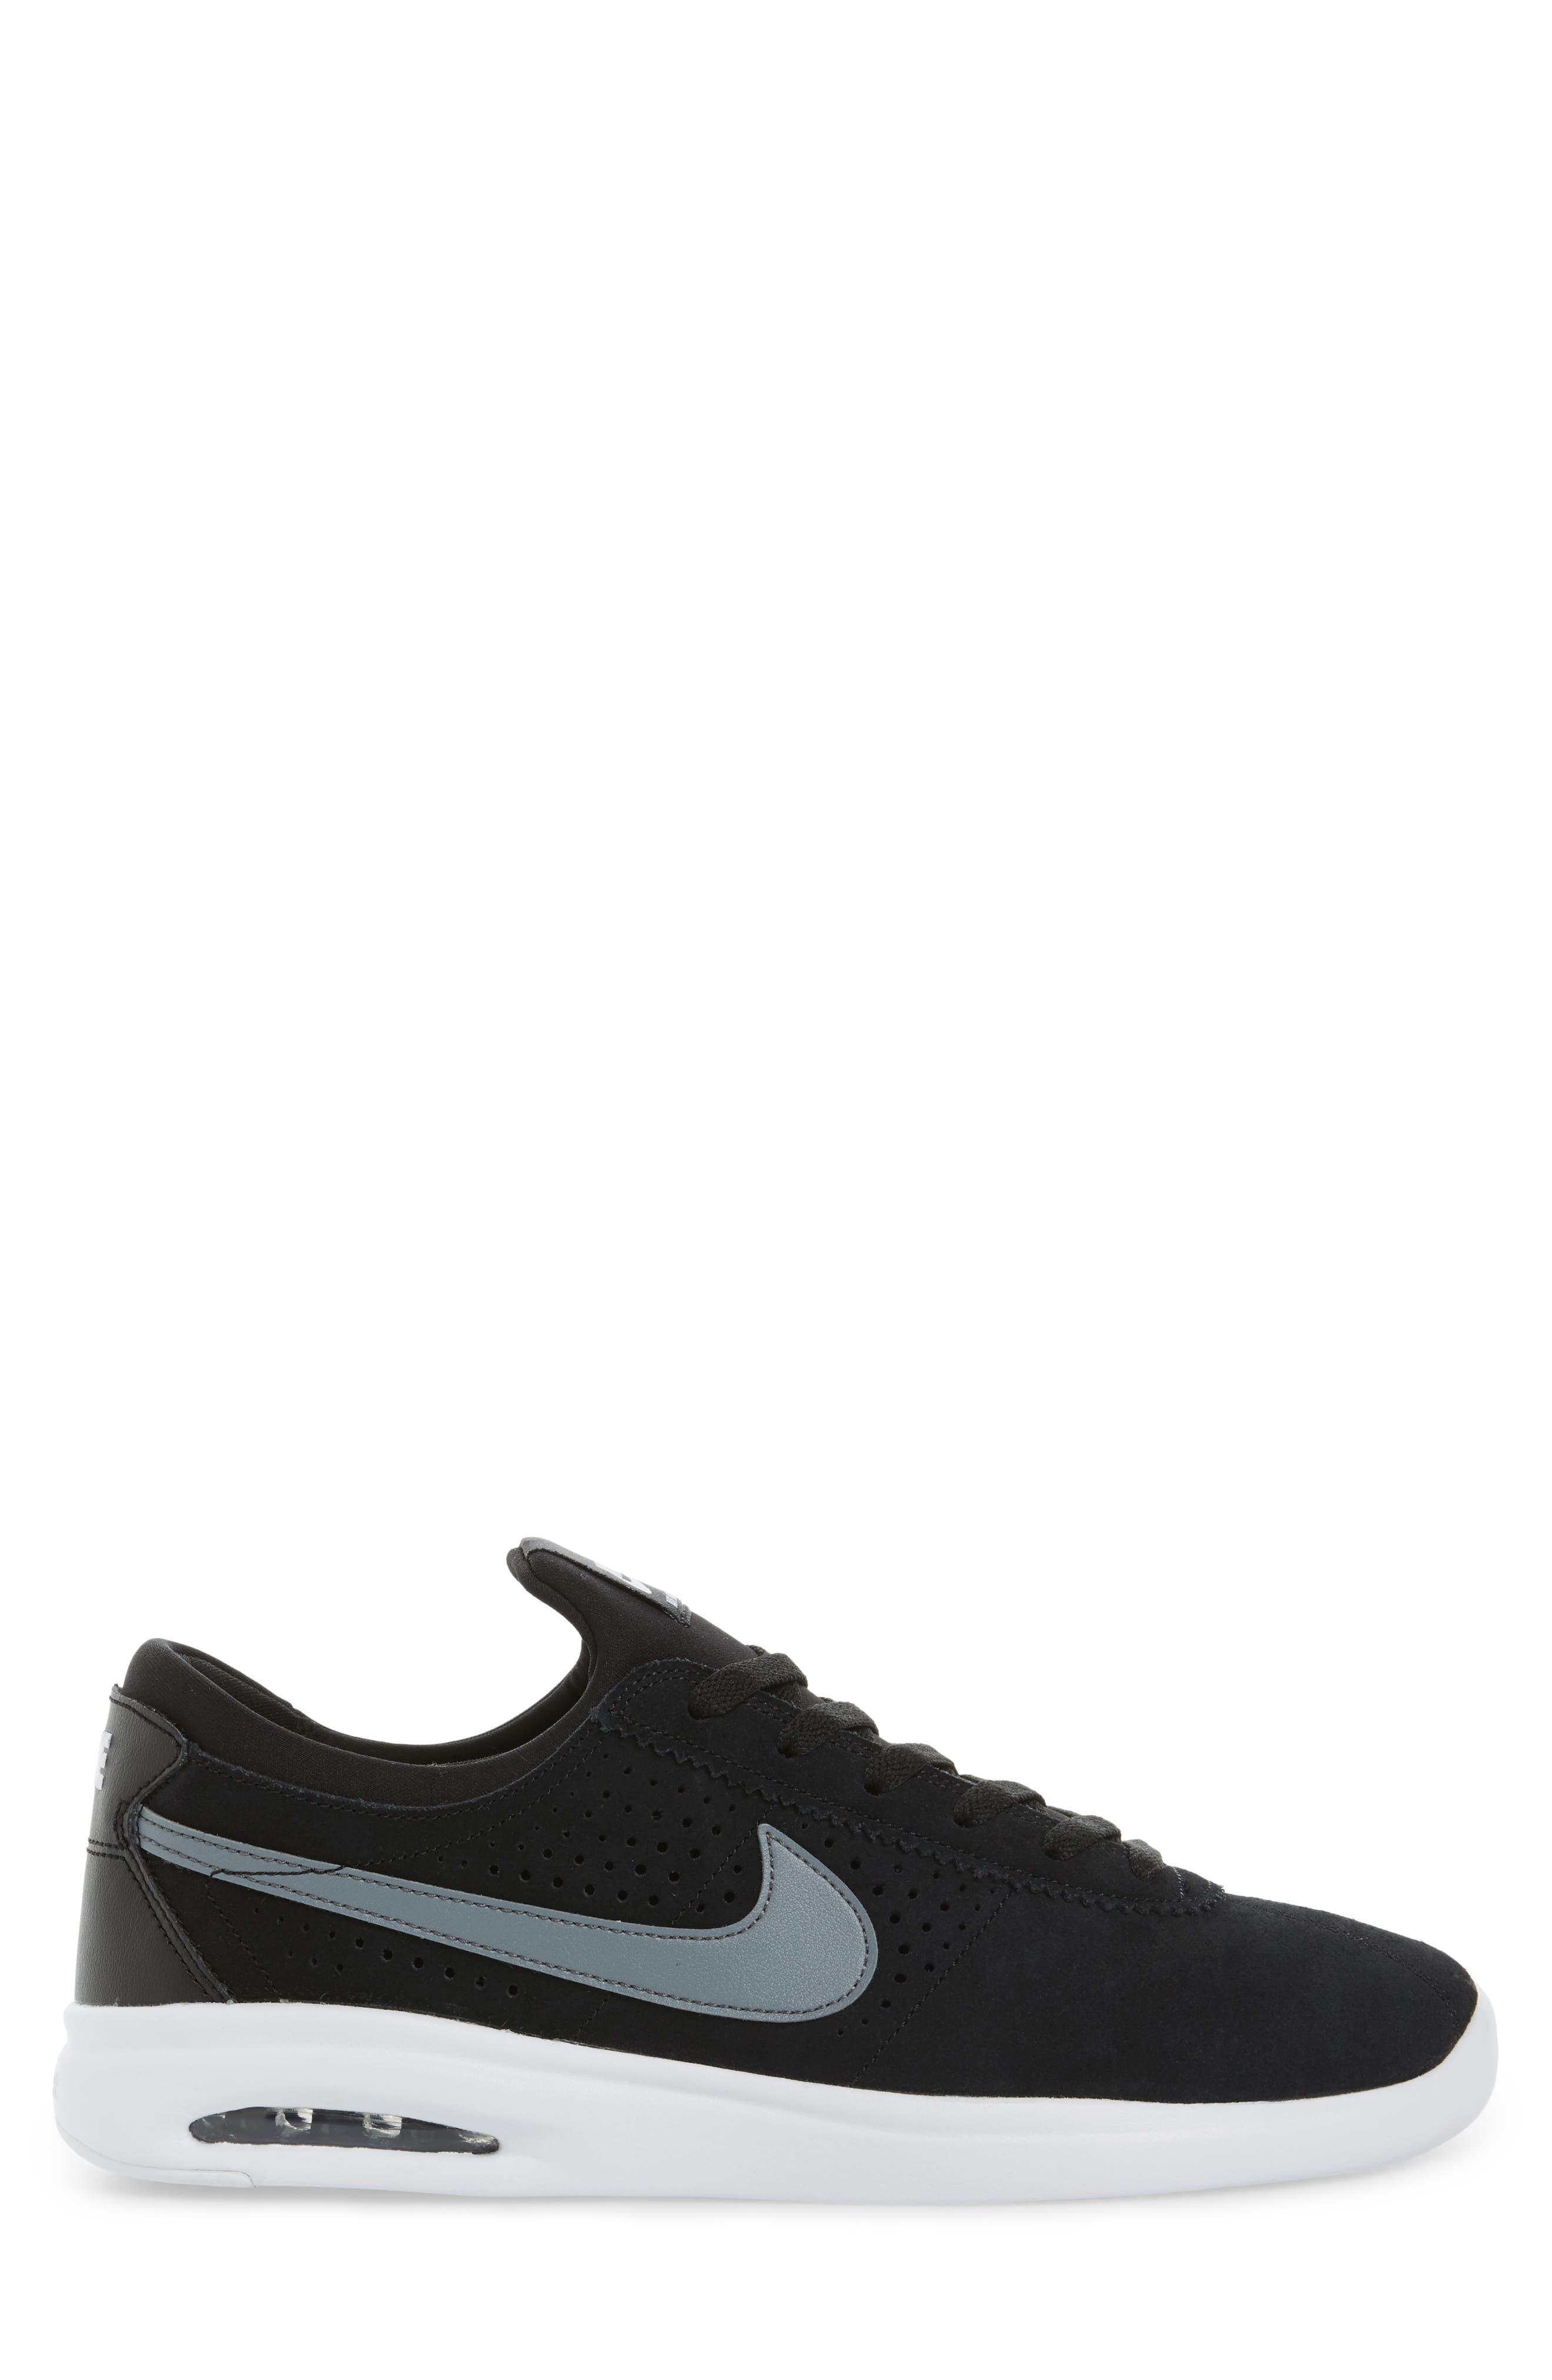 Alternate Image 3  - Nike SB Air Max Bruin Vapor Skateboarding Sneaker (Men)